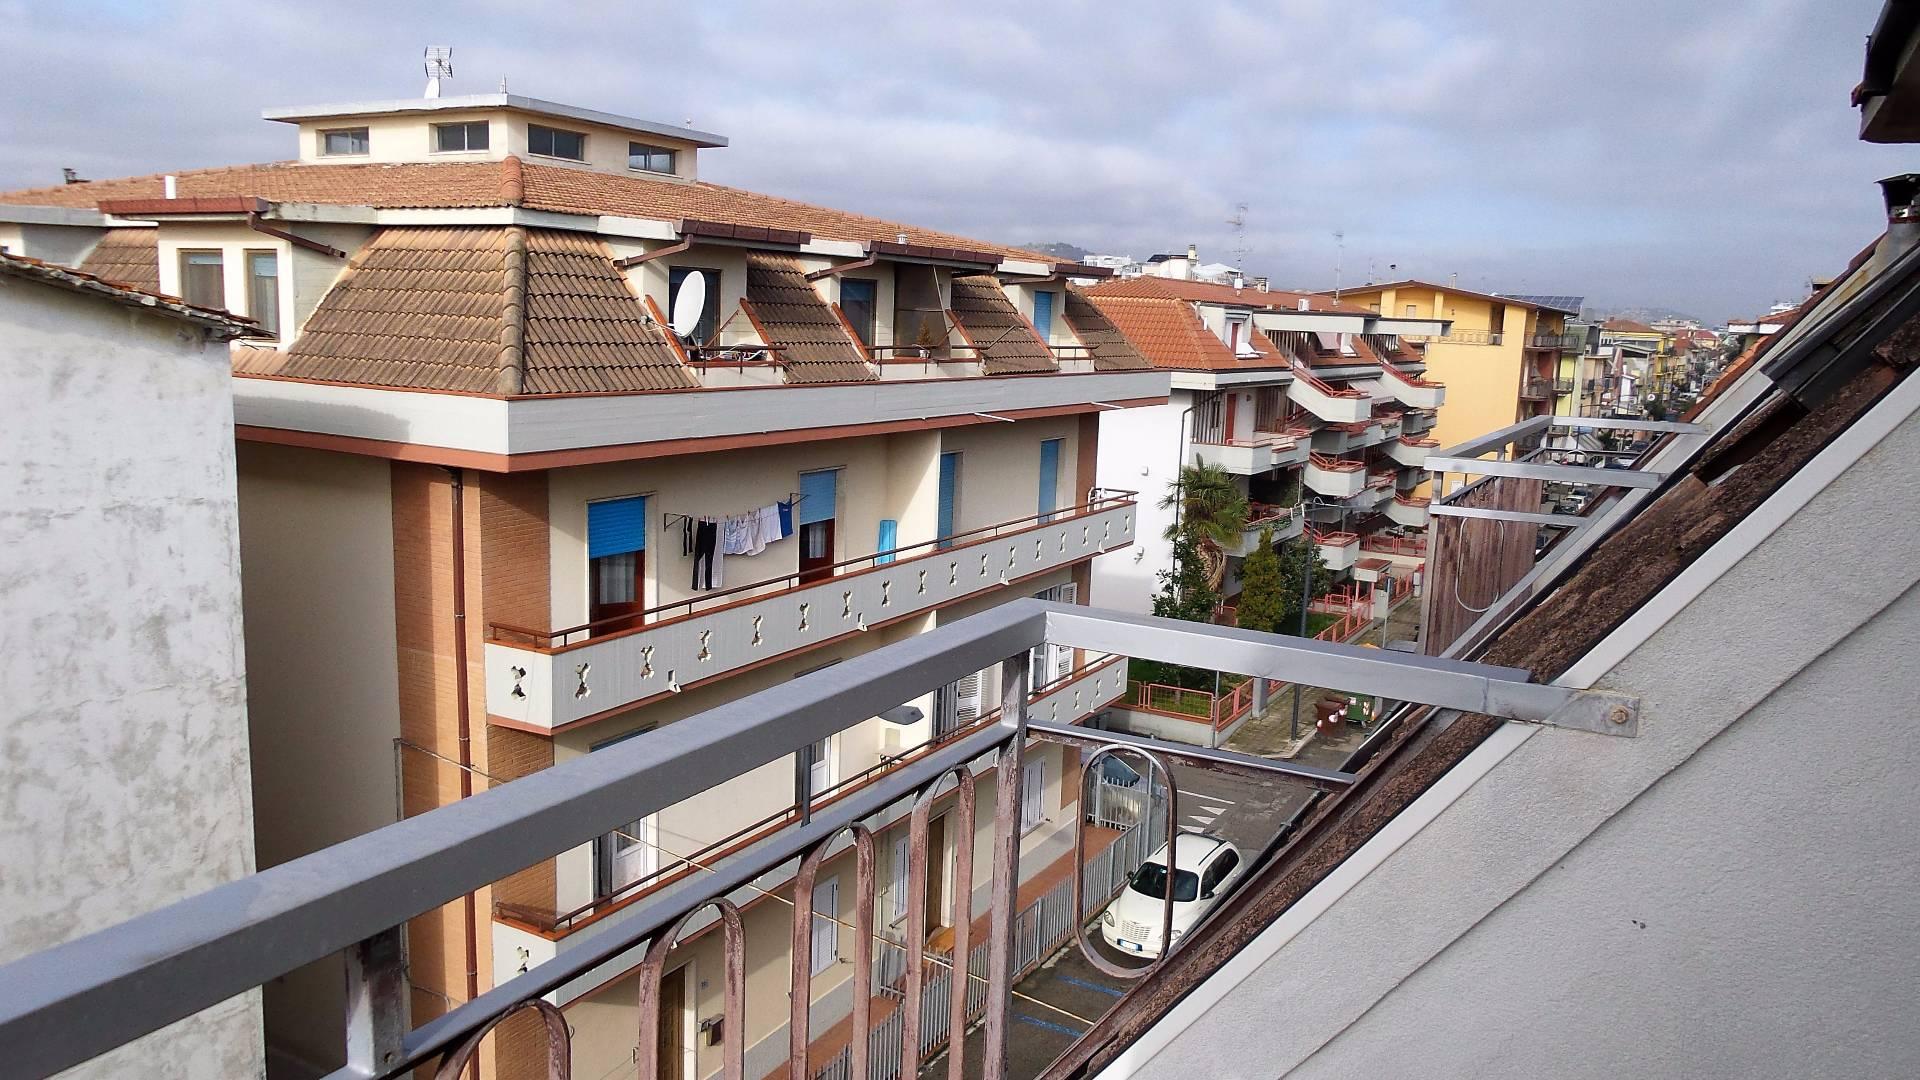 Attico / Mansarda in affitto a San Benedetto del Tronto, 4 locali, zona Località: PortodAscoli, prezzo € 400 | Cambio Casa.it